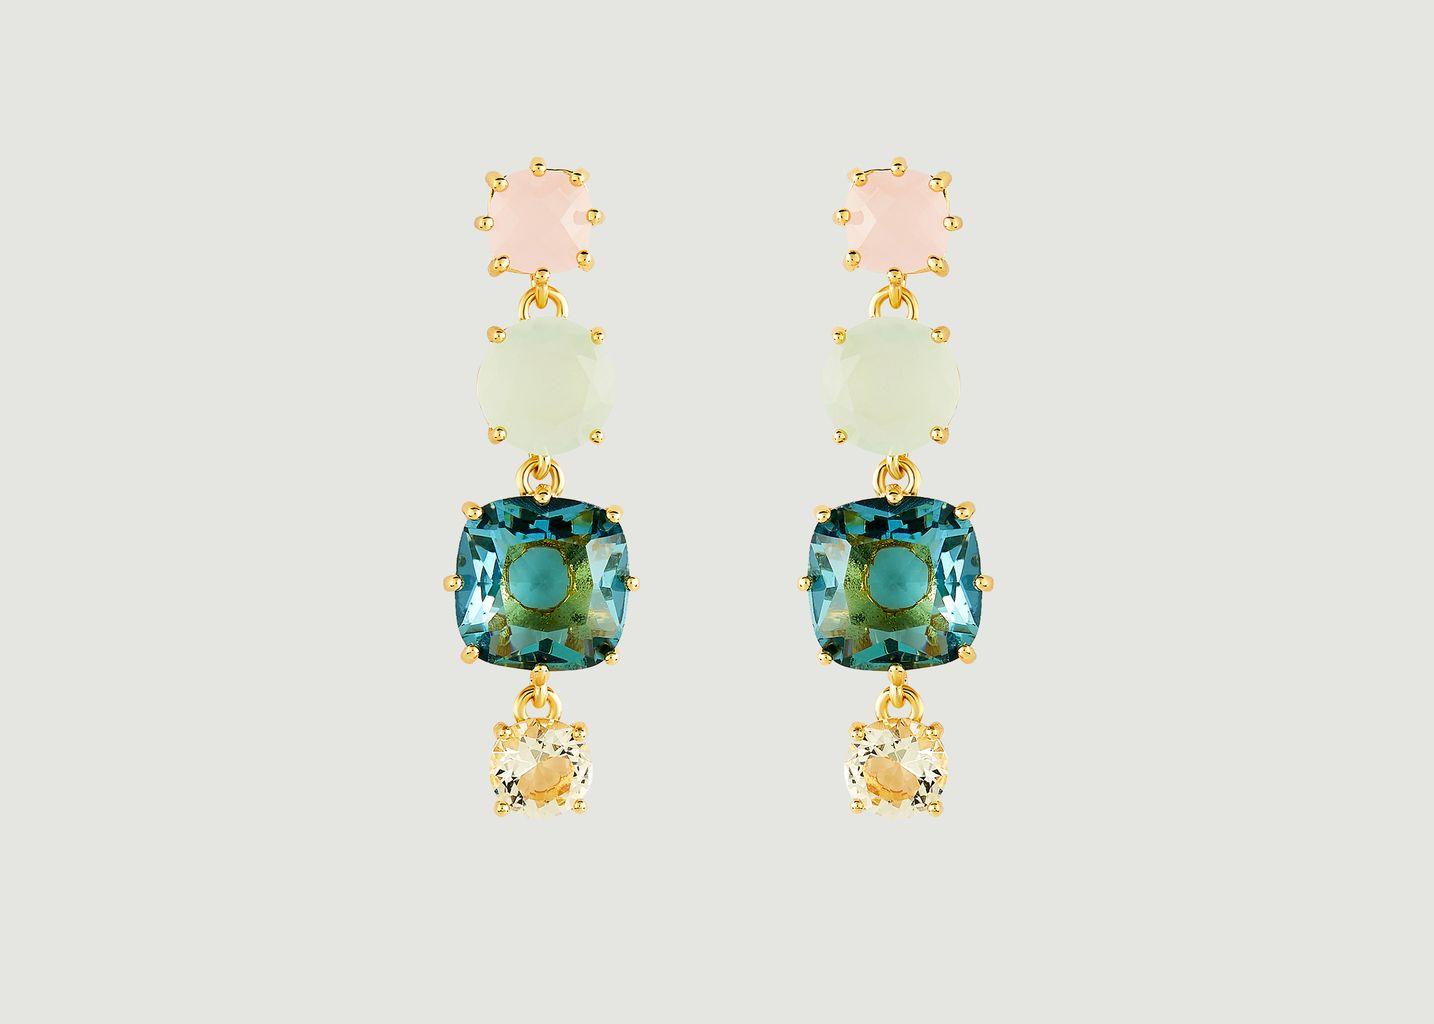 Boucles d'oreilles La Diamantine tiges 4 pierres - Les Néréides